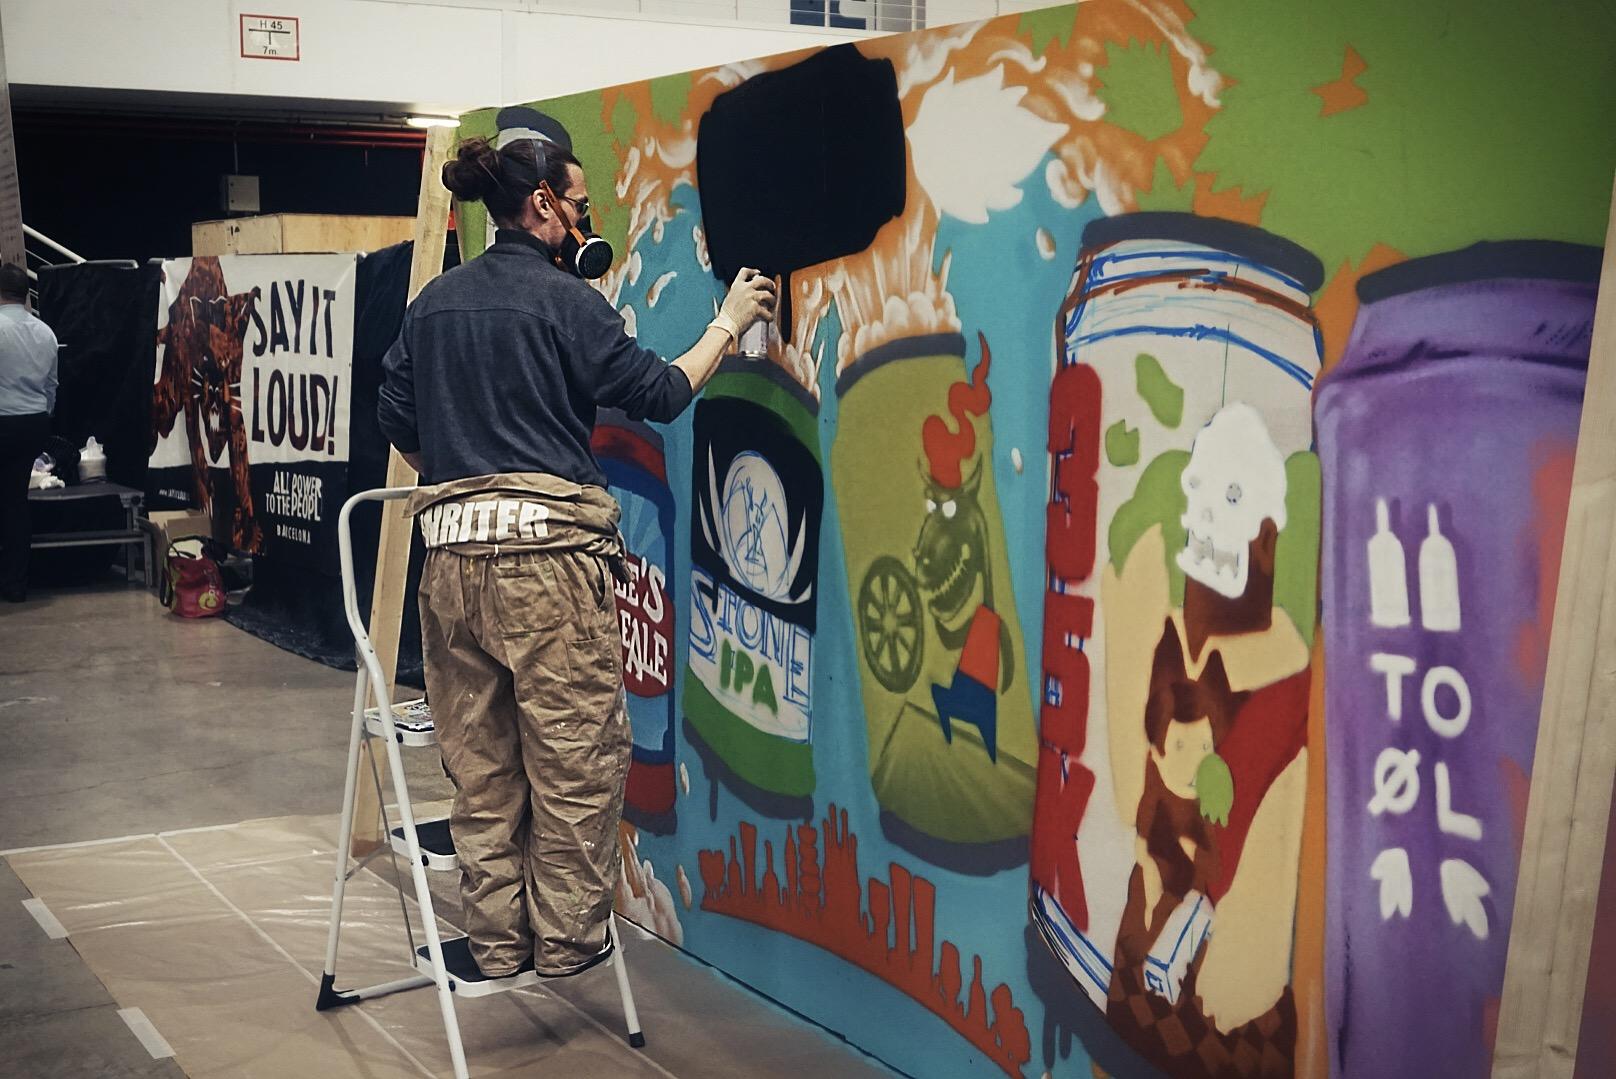 Craft beer is art. Mural de #dandolalata